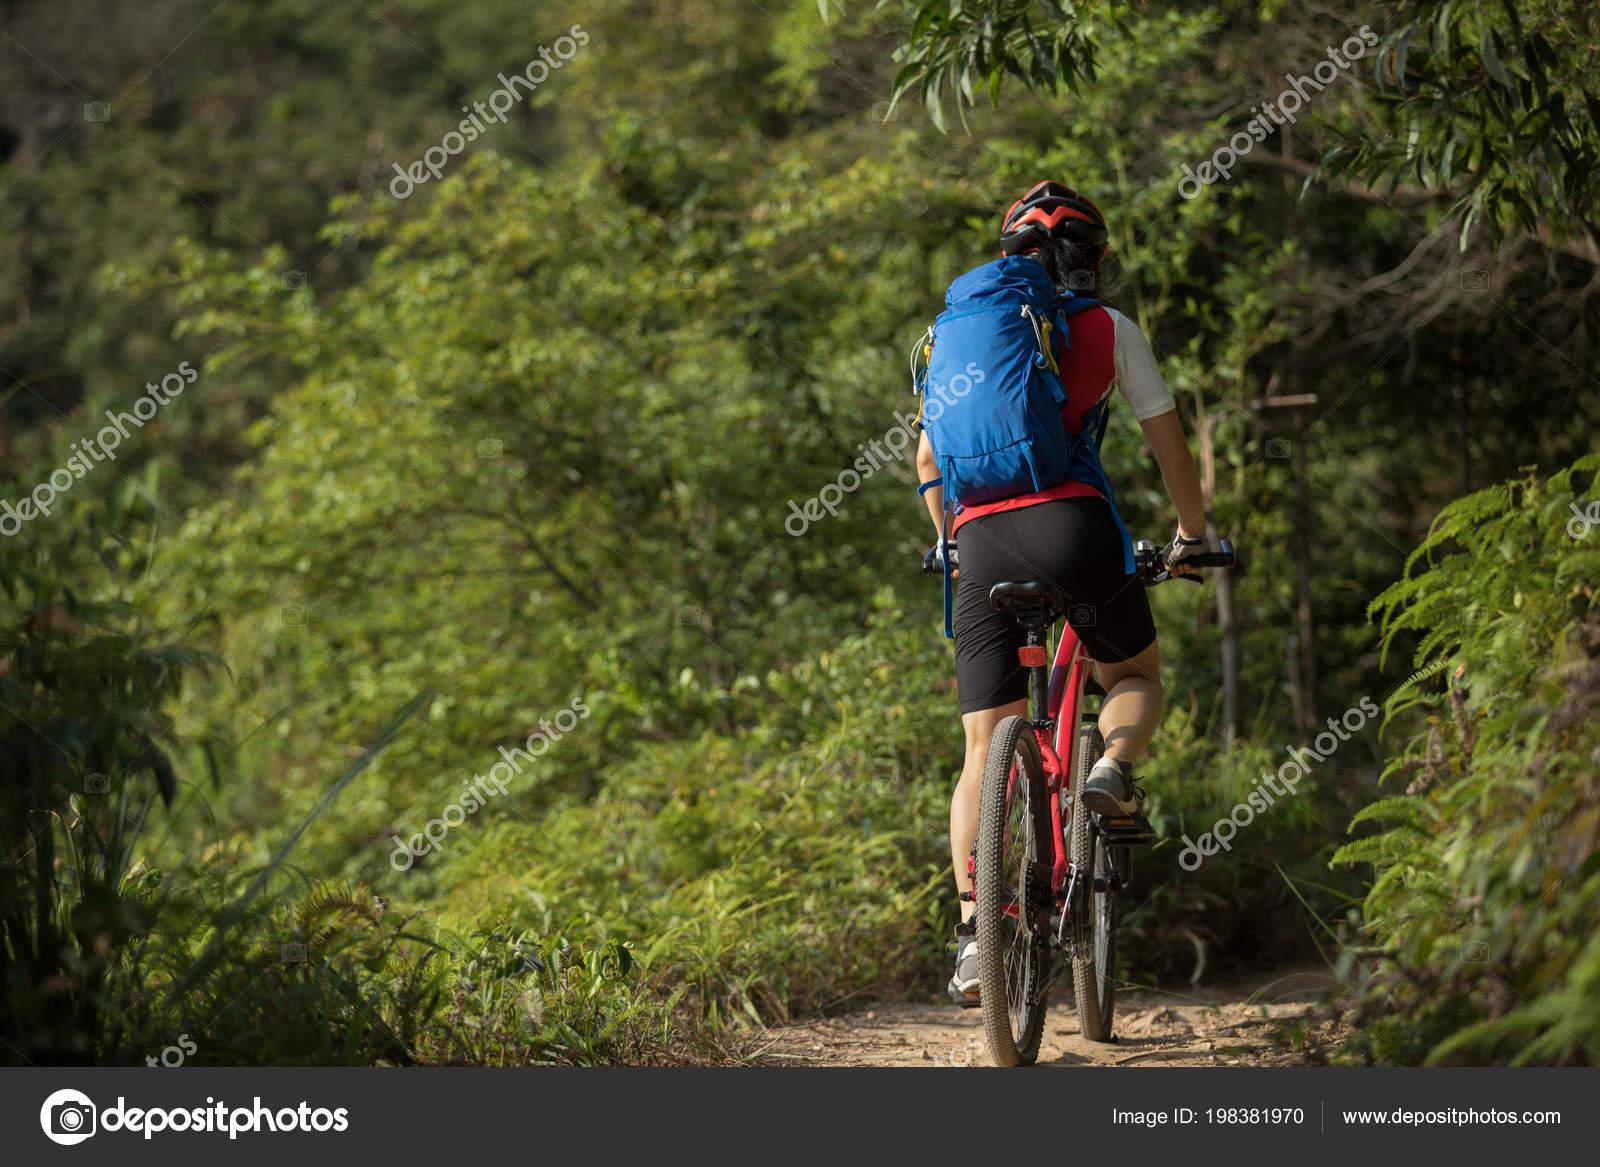 Stezka na kole